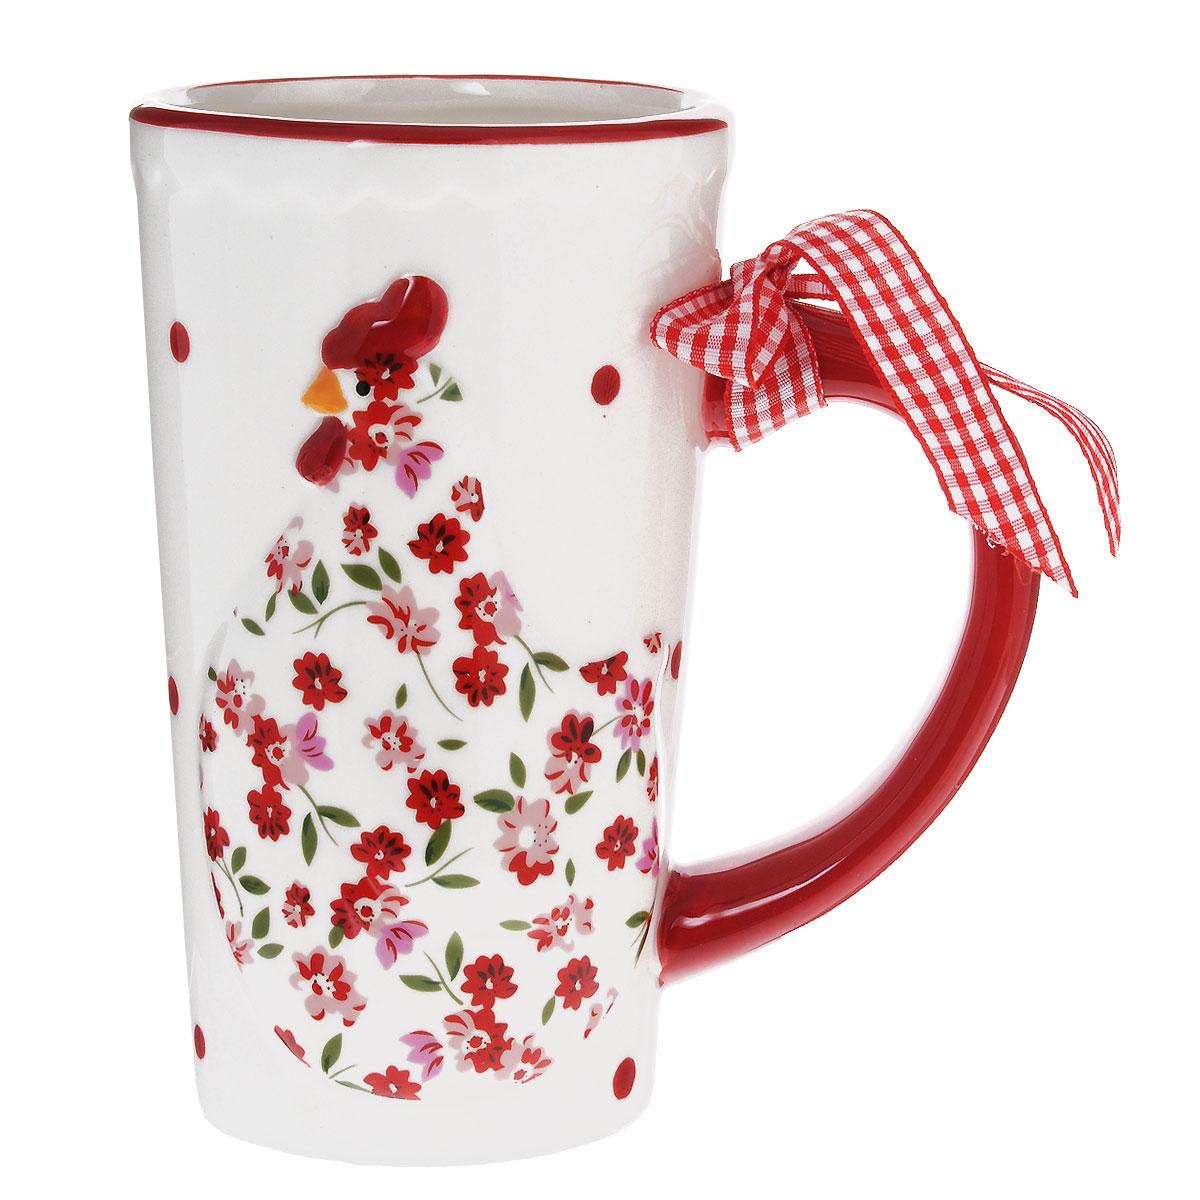 Кружка Lillo Курочка, 600 мл132316Кружка Lillo Курочка выполнена из высококачественной керамики и украшена рельефом в виде милой курочки и текстильным бантом на ручке. Такая кружка порадует вас дизайном и функциональностью, а пить чай или кофе из нее станет еще приятнее. Остерегайтесь сильных ударов. Не применять абразивные чистящие средства. Объем: 600 мл. Диаметр кружки по верхнему краю: 8,5 см. Высота кружки: 15 см.